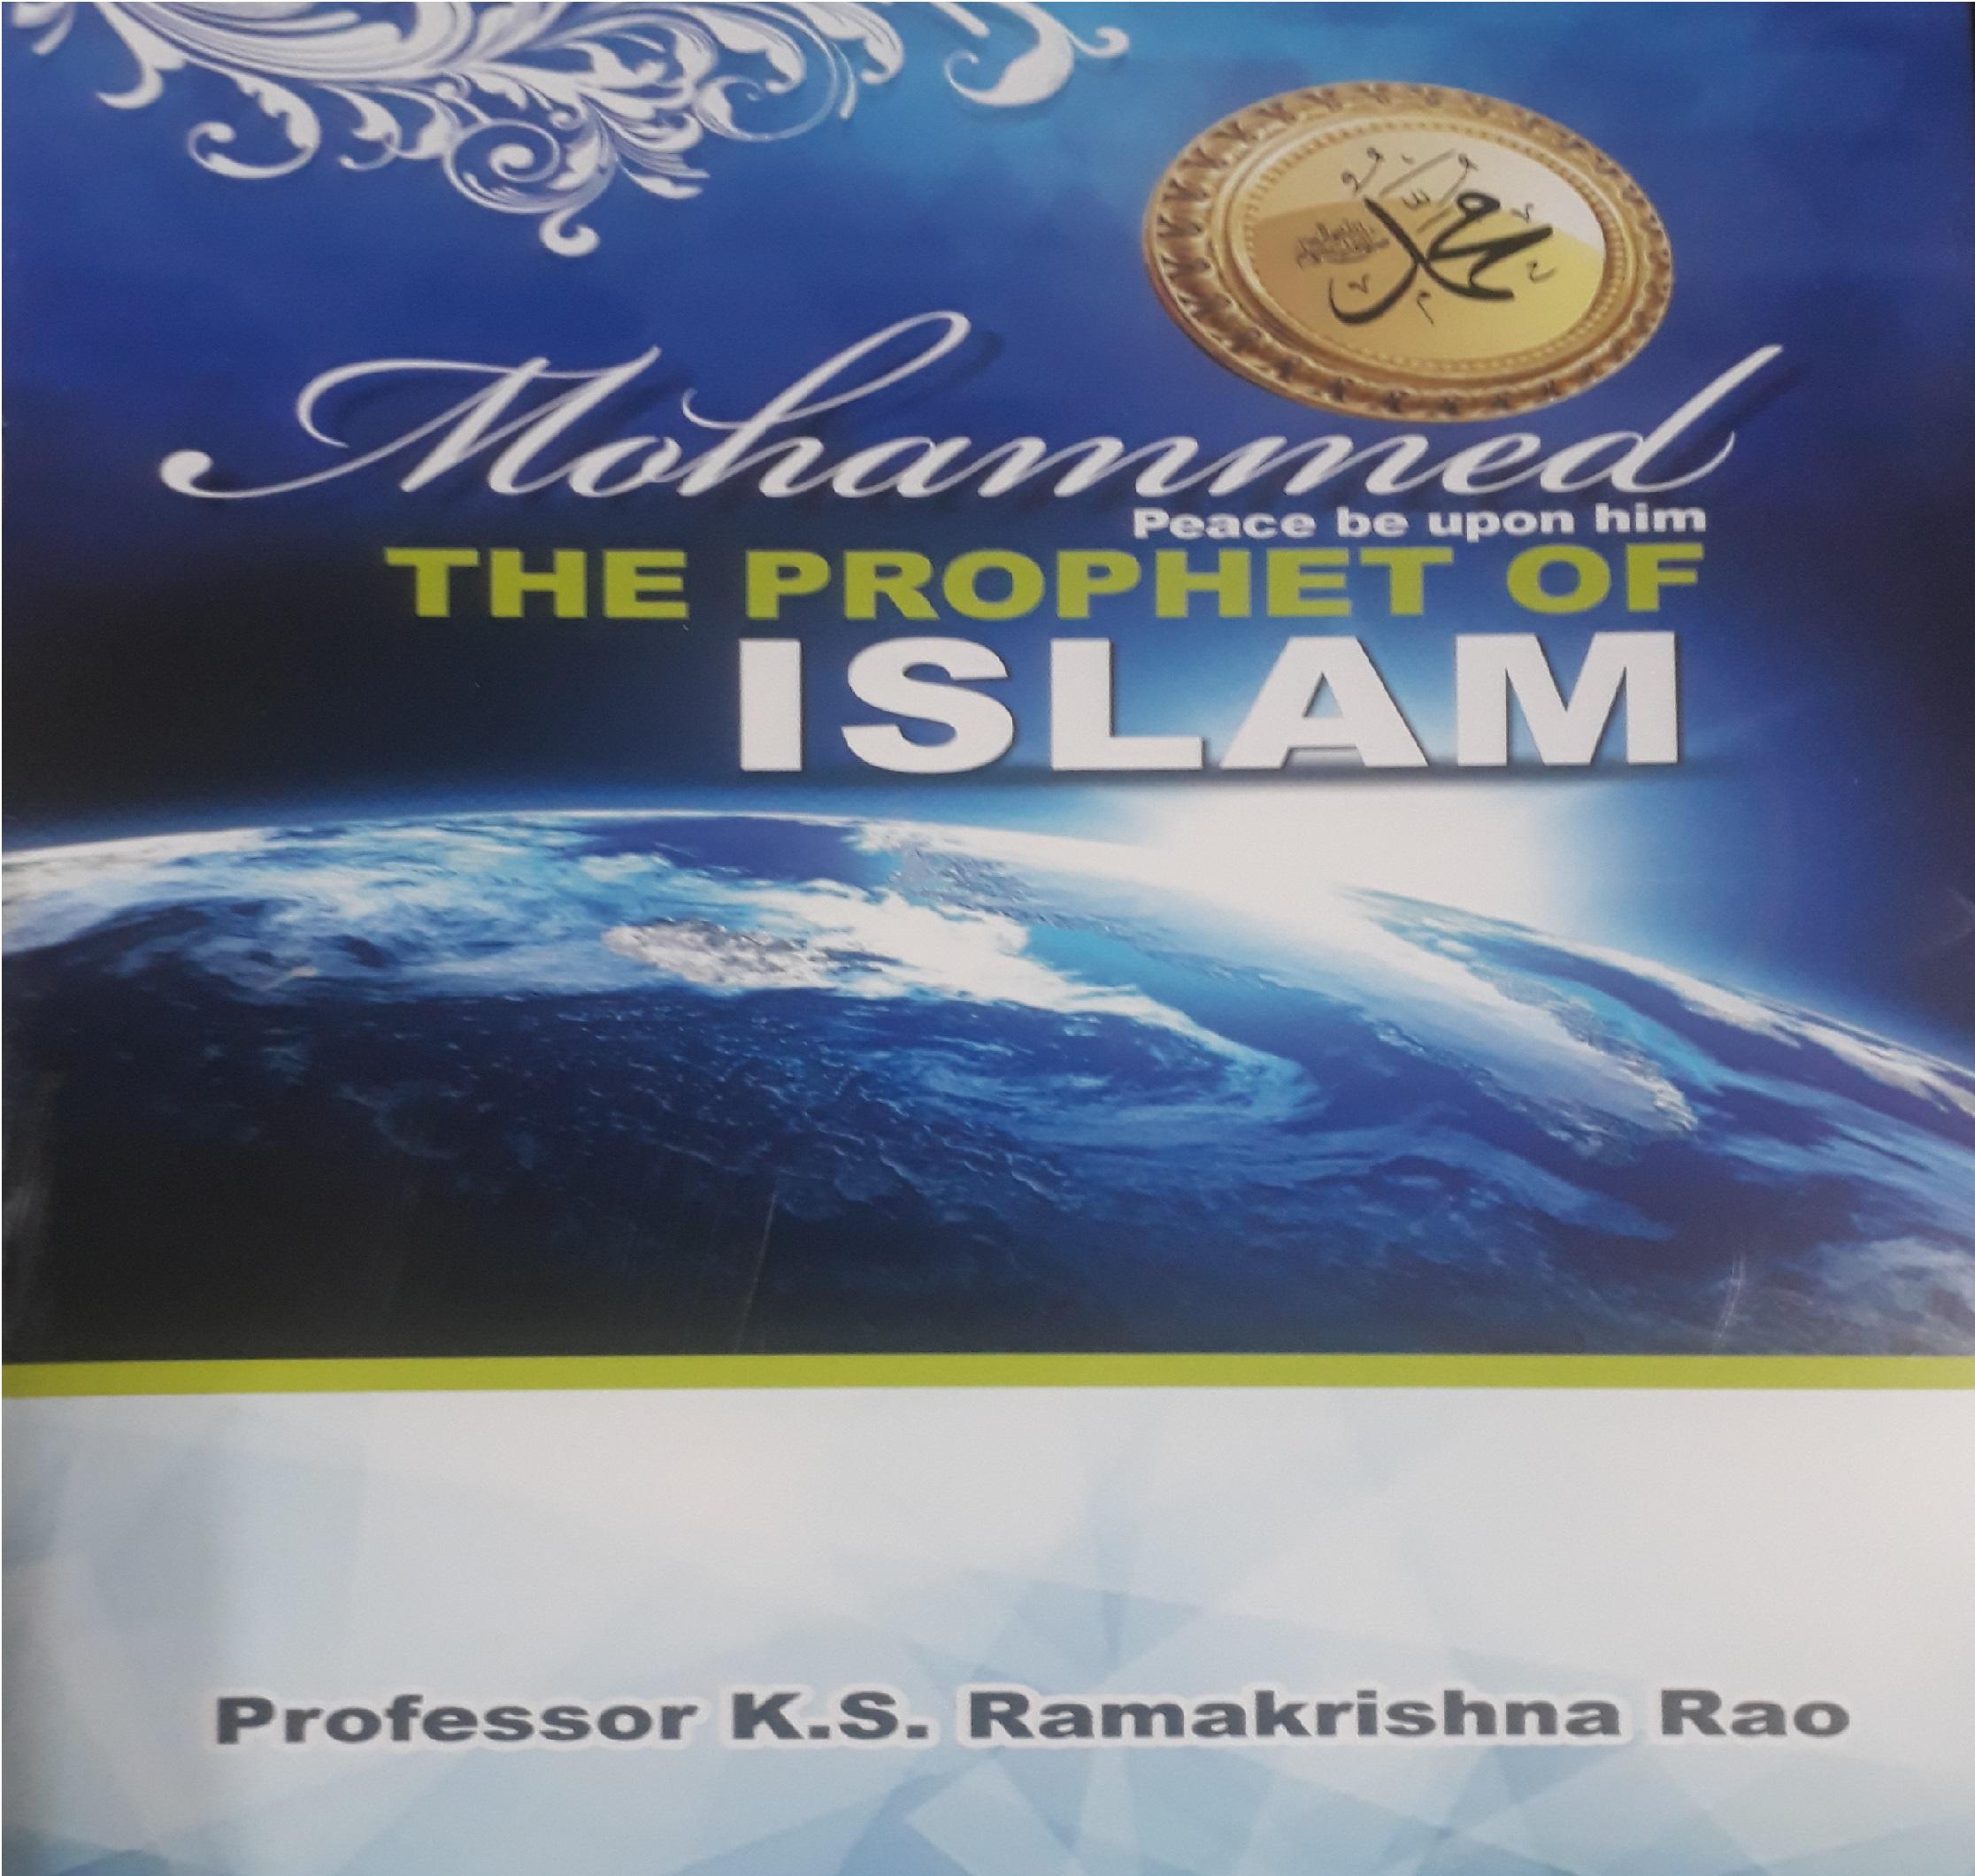 محمد صلی اللہ علیہ وسلم کی زندگی پر میسور یونیورسٹی کے سابق پروفیسر نے لکھی کتاب